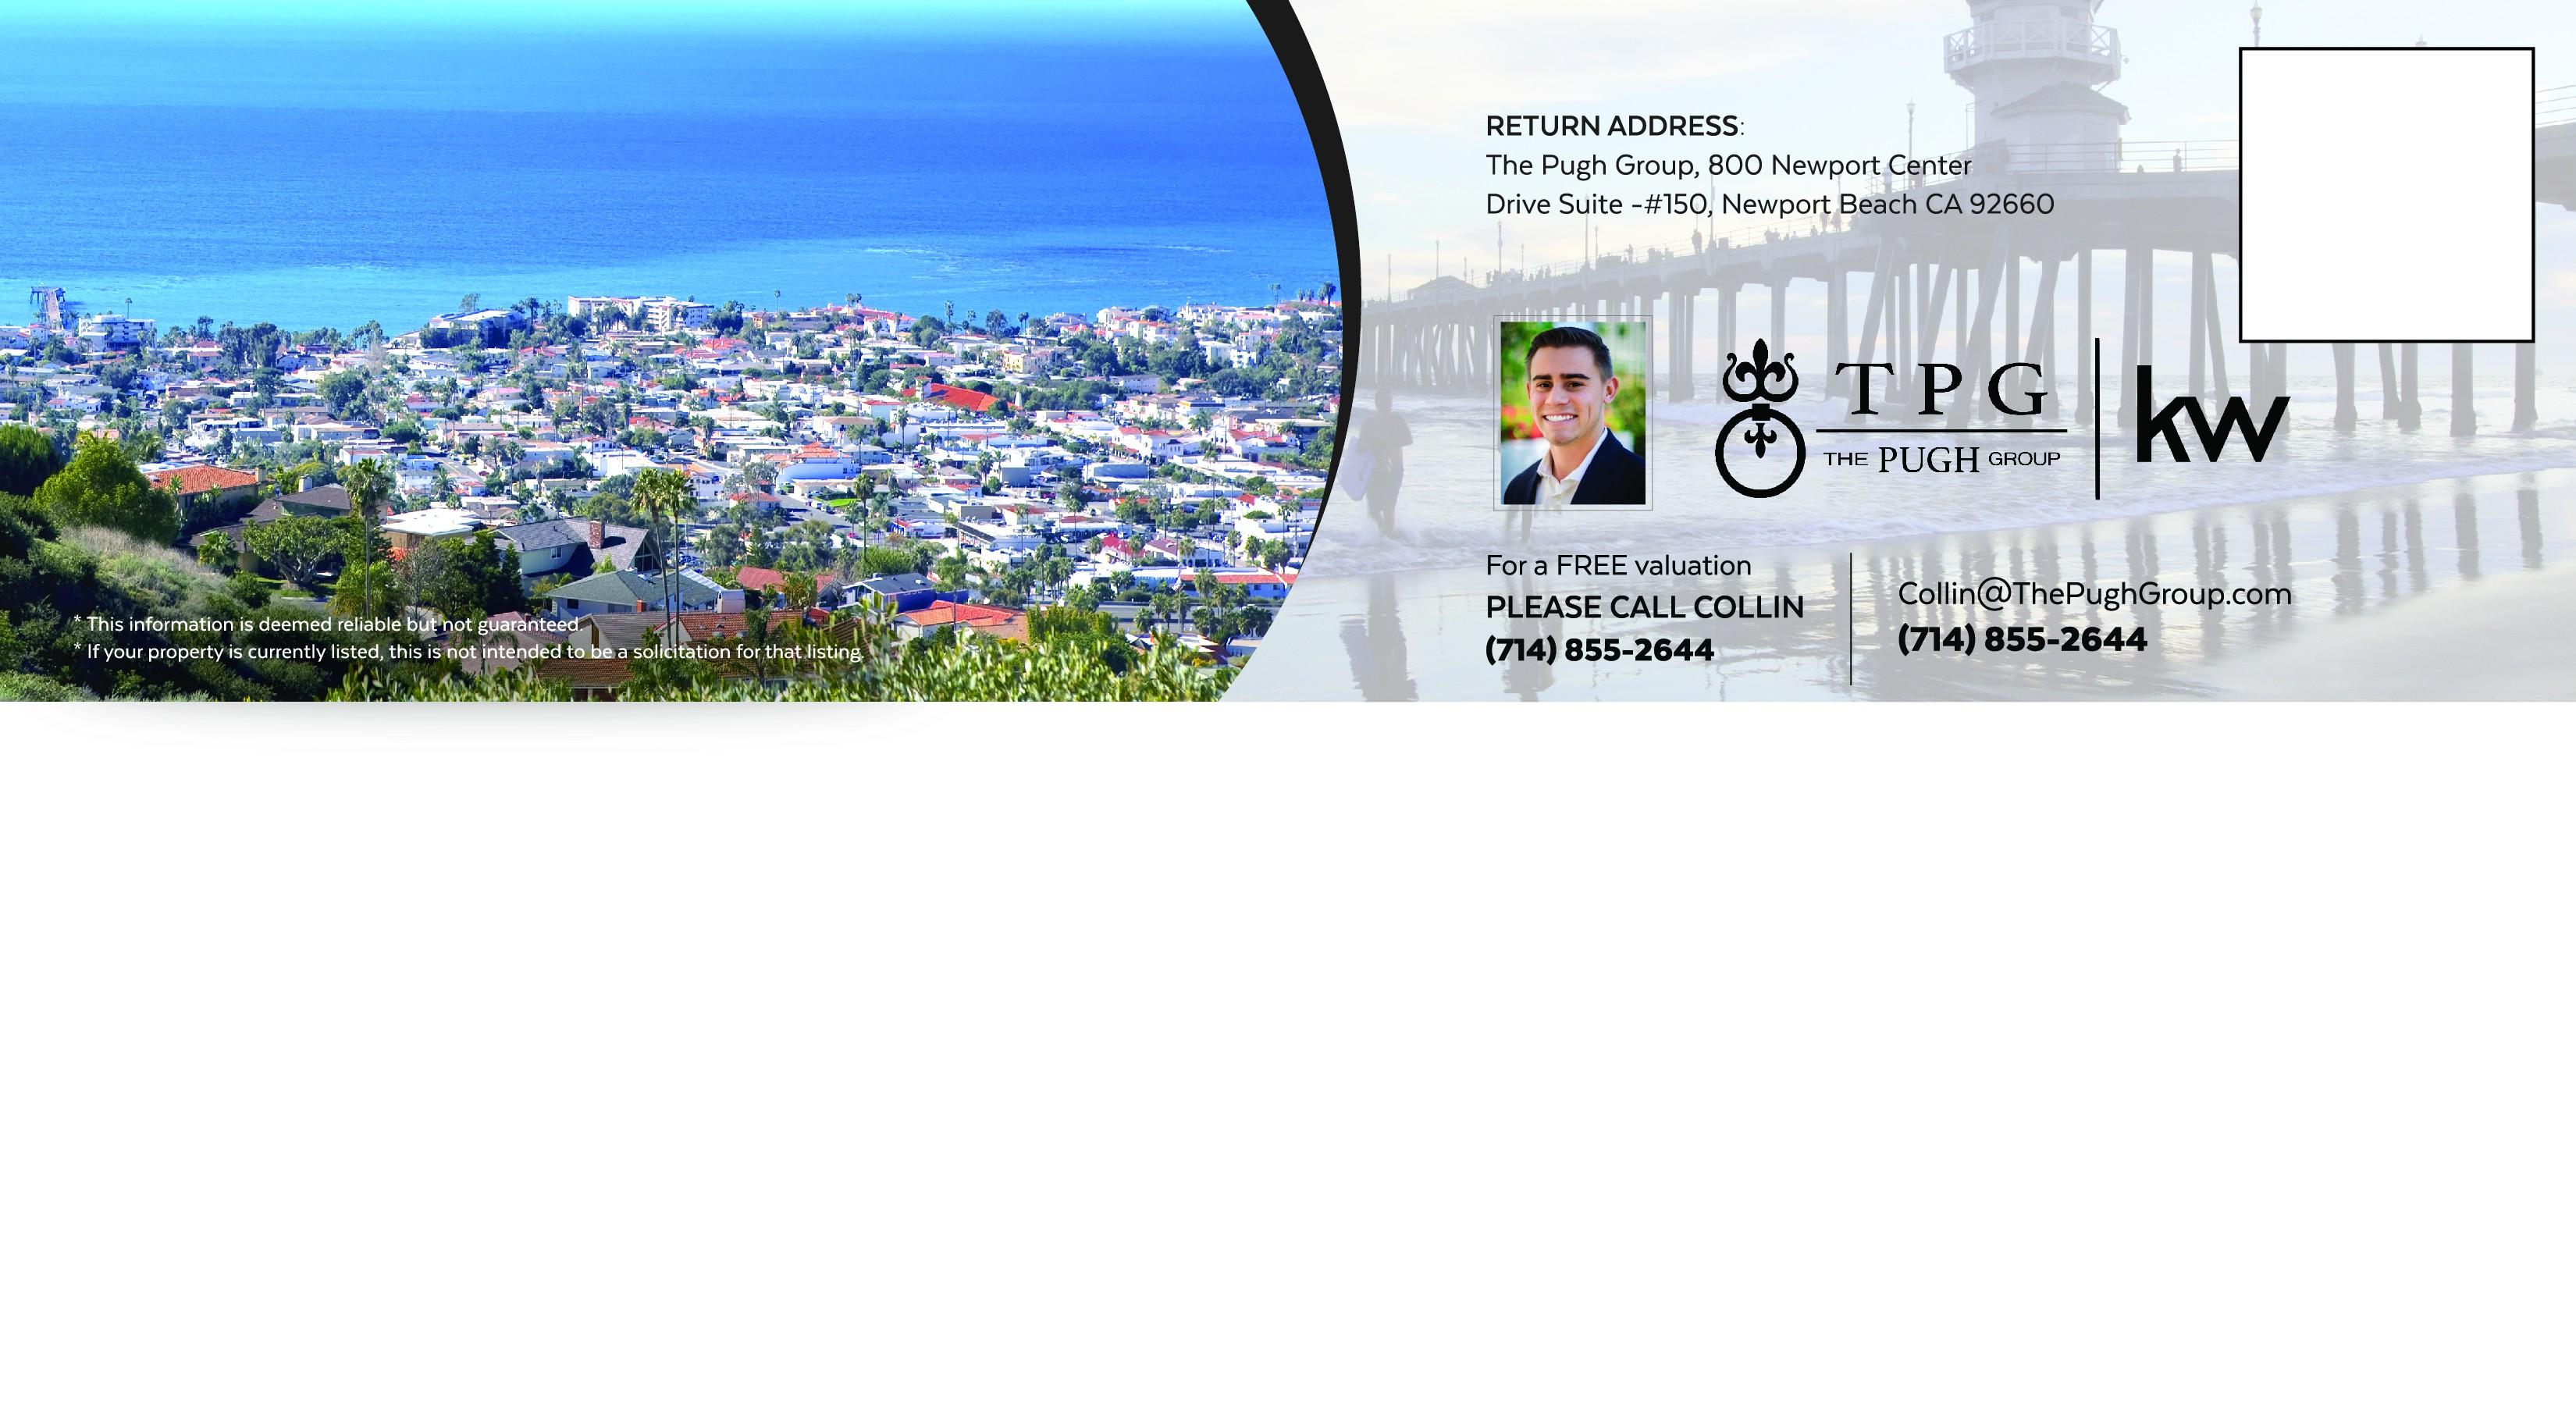 Design a postcard for a real estate company in Orange County, CA